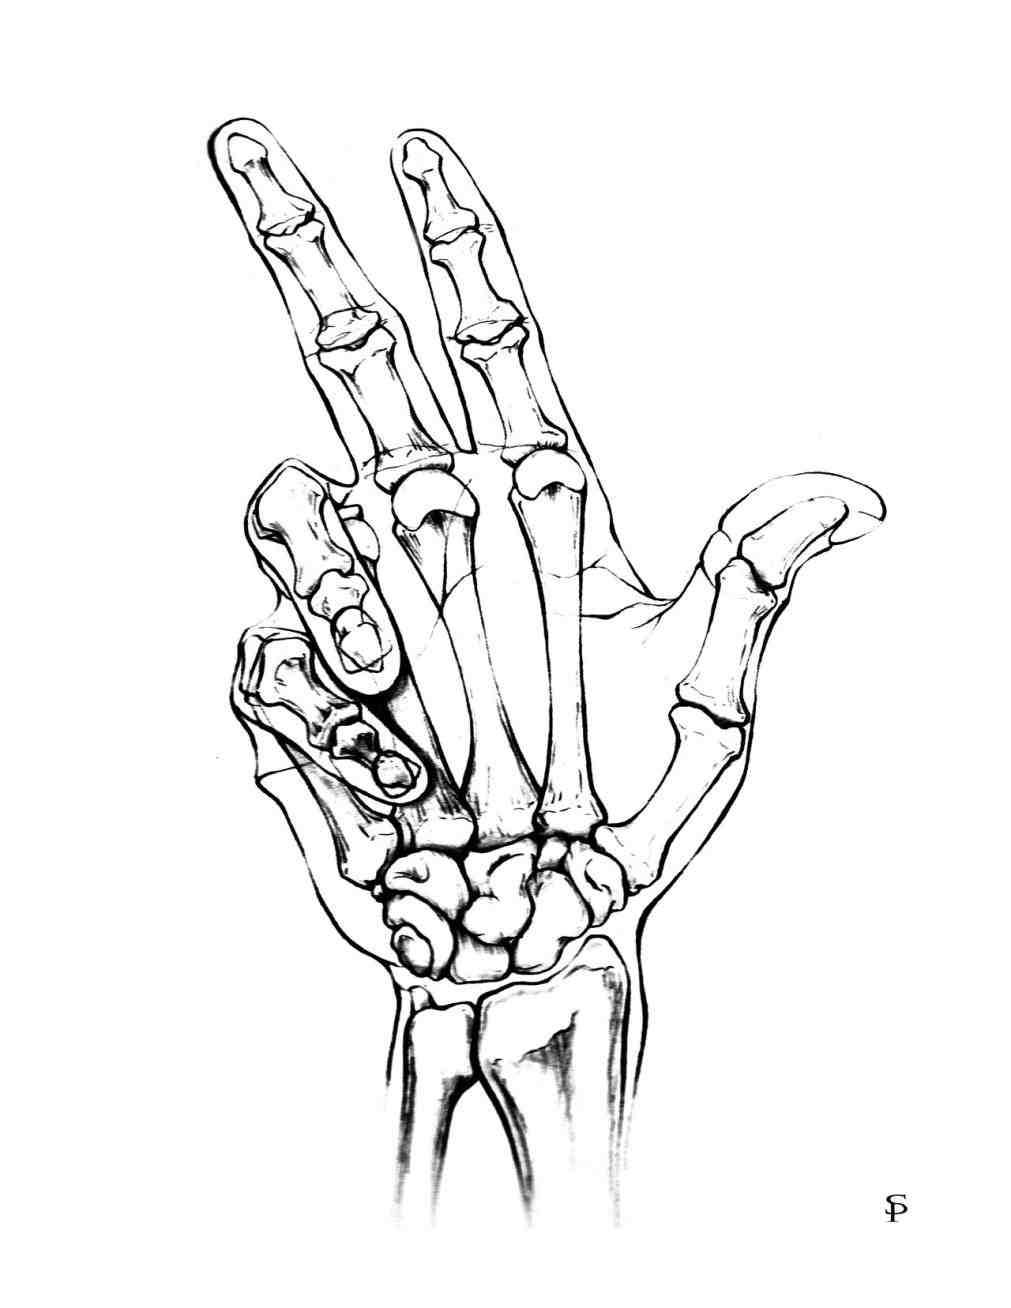 1011x1308 Skeleton Hand Drawing Tumblr By Sparksflystudios